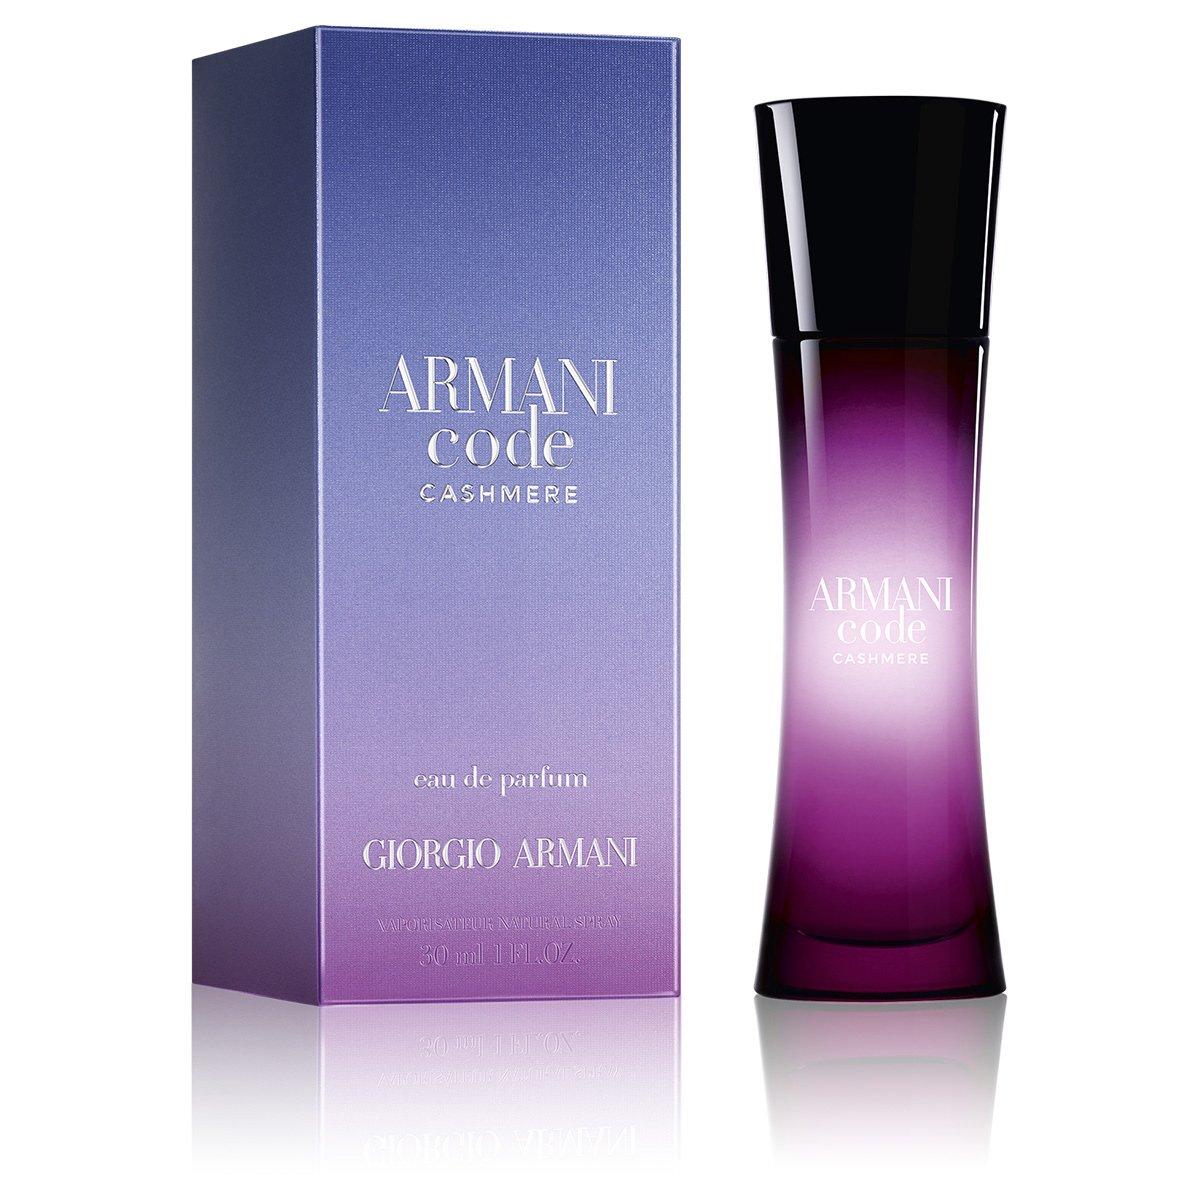 08627e21f Perfume Armani Code Cashmere Feminino Giorgio Armani EDP 30ml - Incolor |  Netshoes